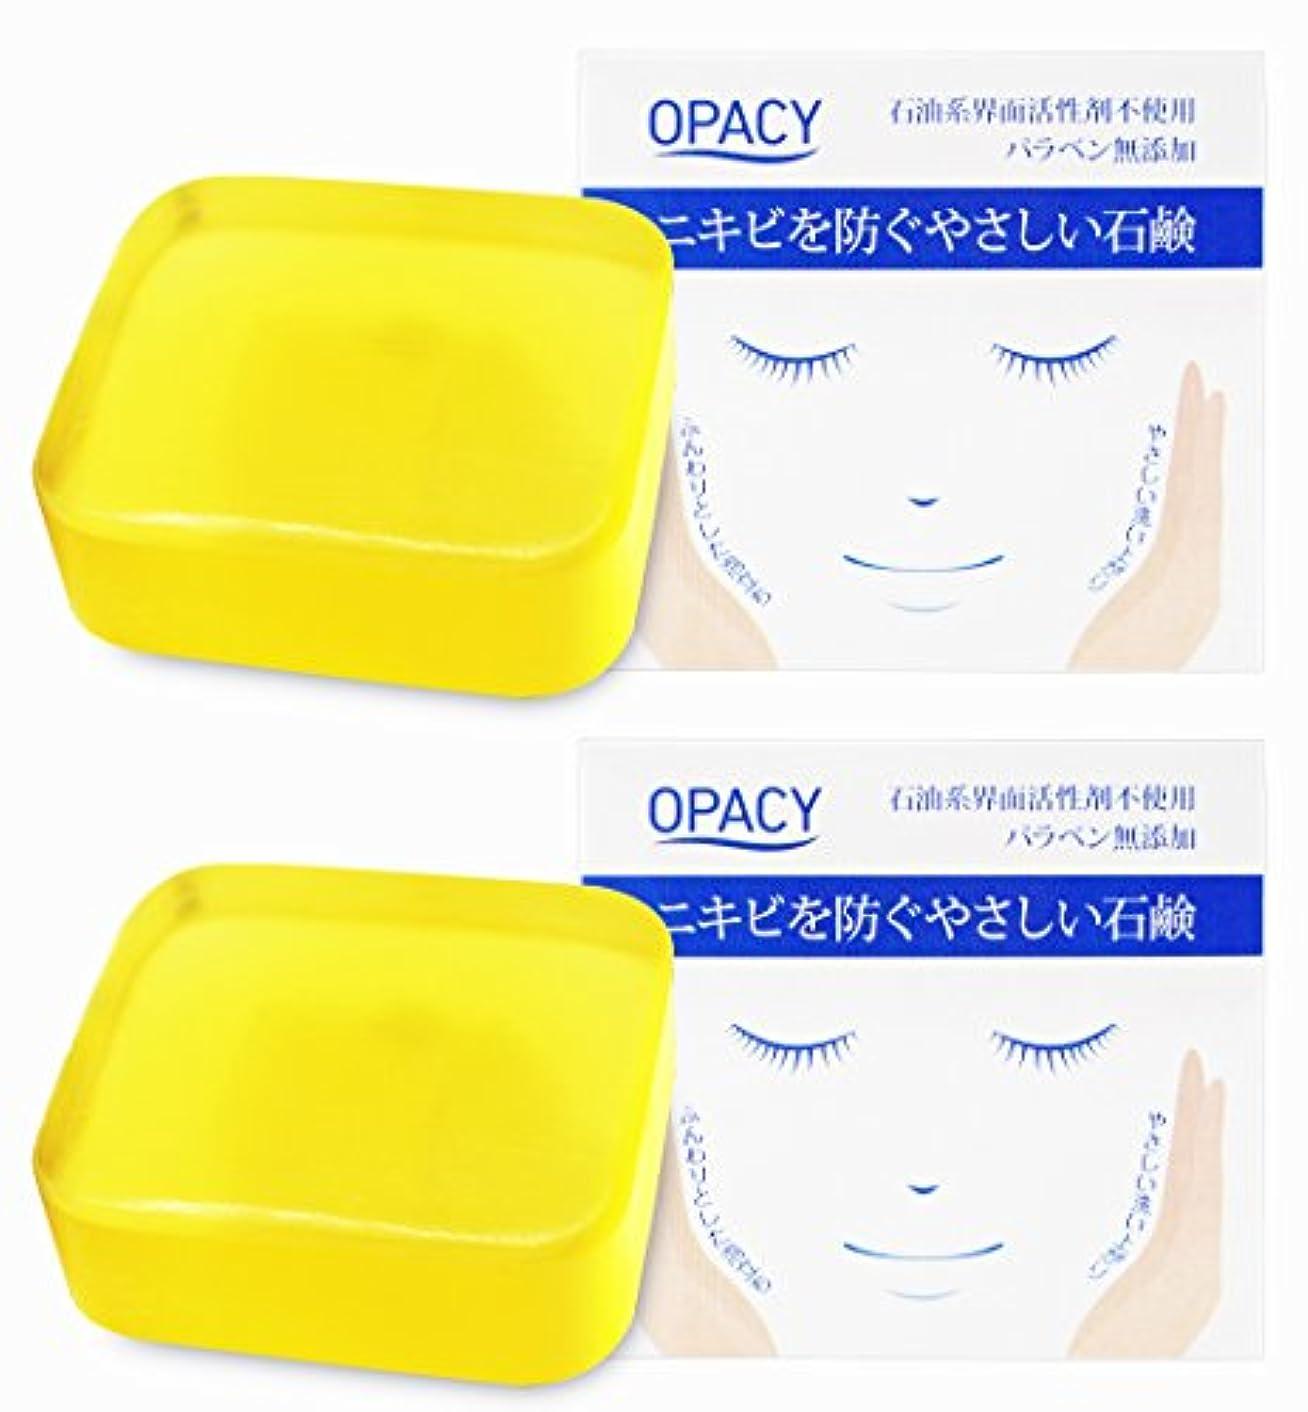 宇宙飛行士デザイナー火炎【2個セット】オパシー石鹸100g (2個)